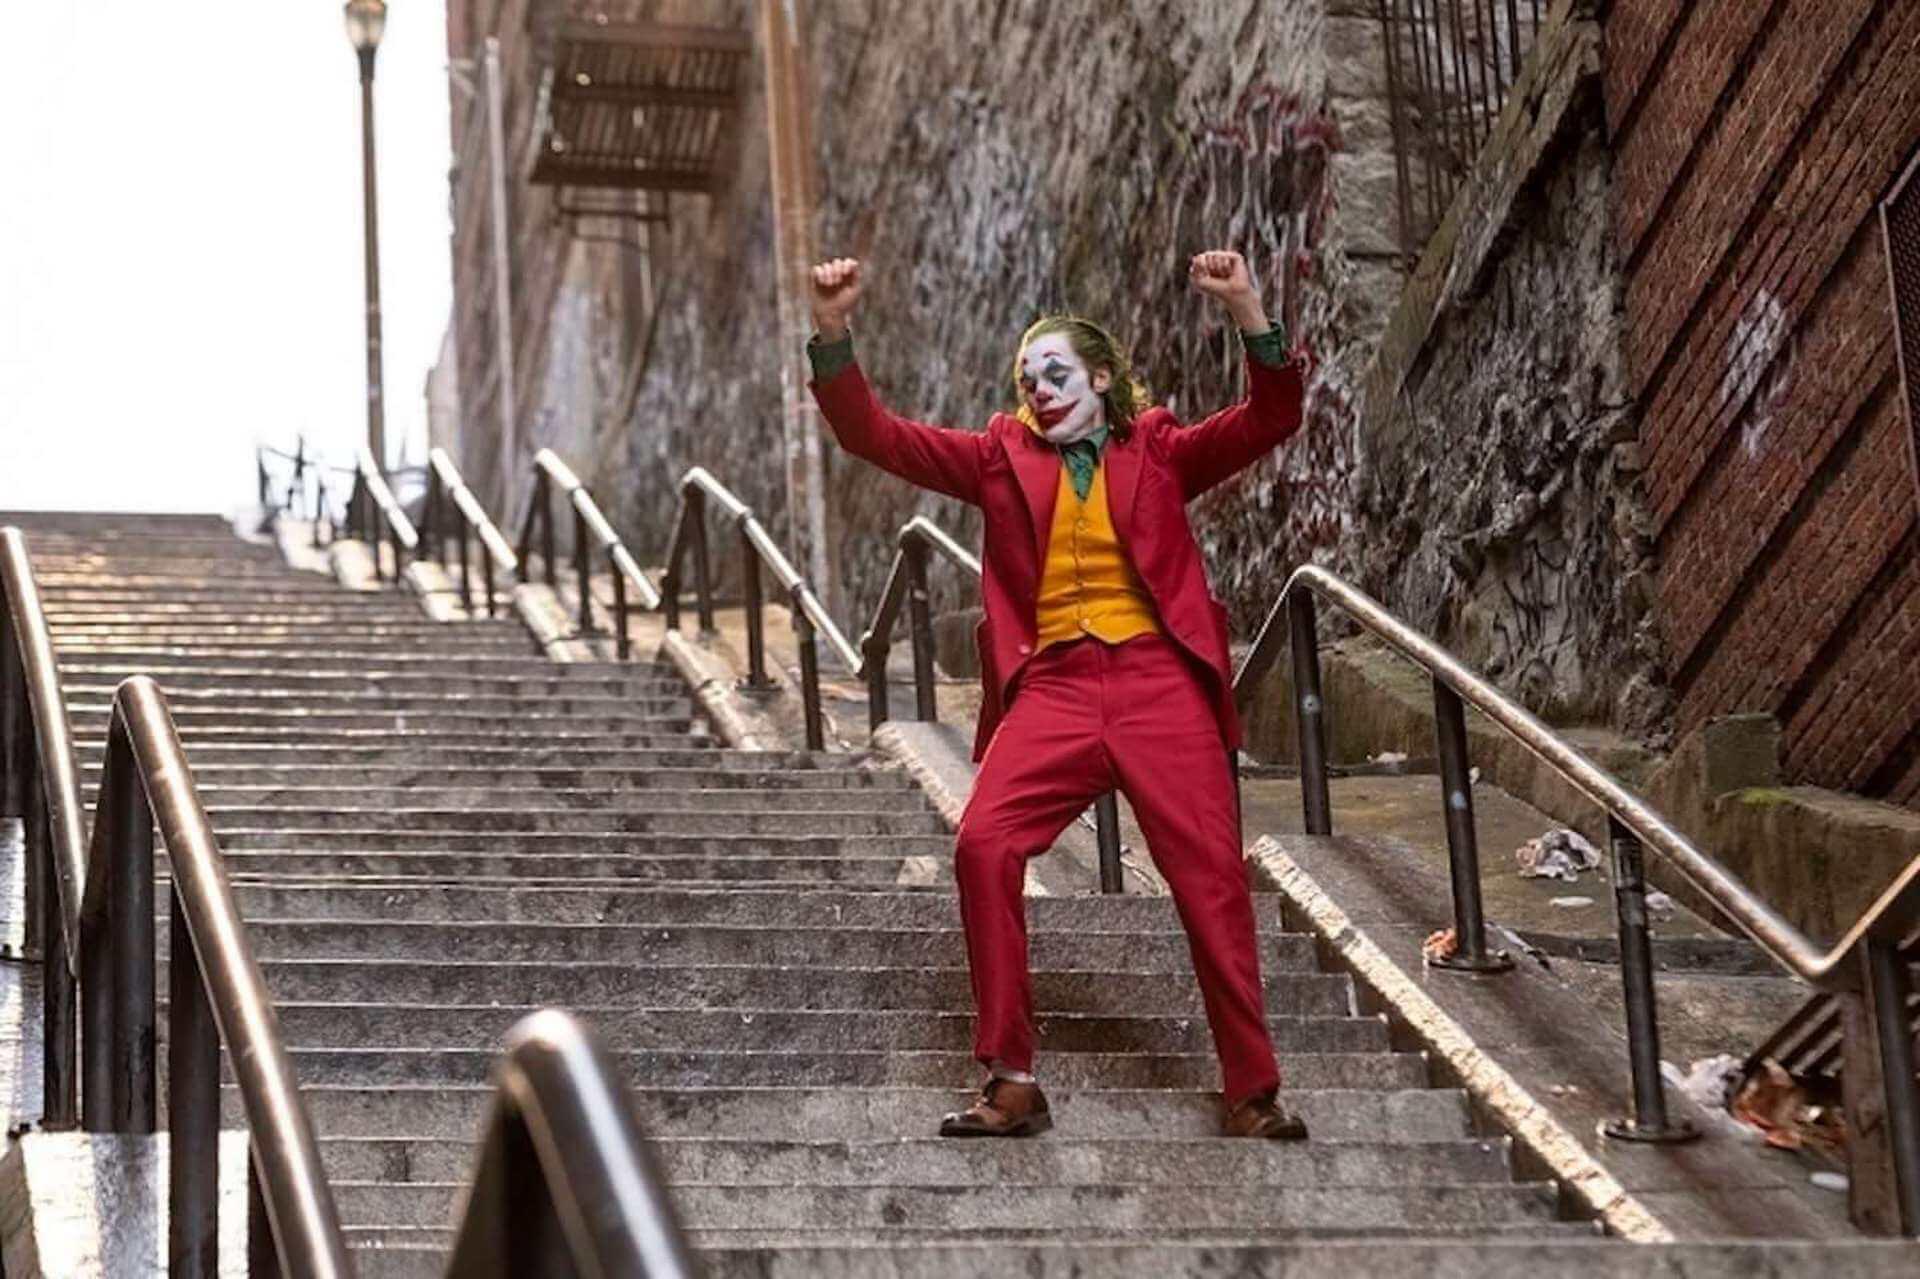 『ジョーカー』ホアキン・フェニックスの演技に「イライラさせられた」と共演者が語る film191029_joker_joaquin_main